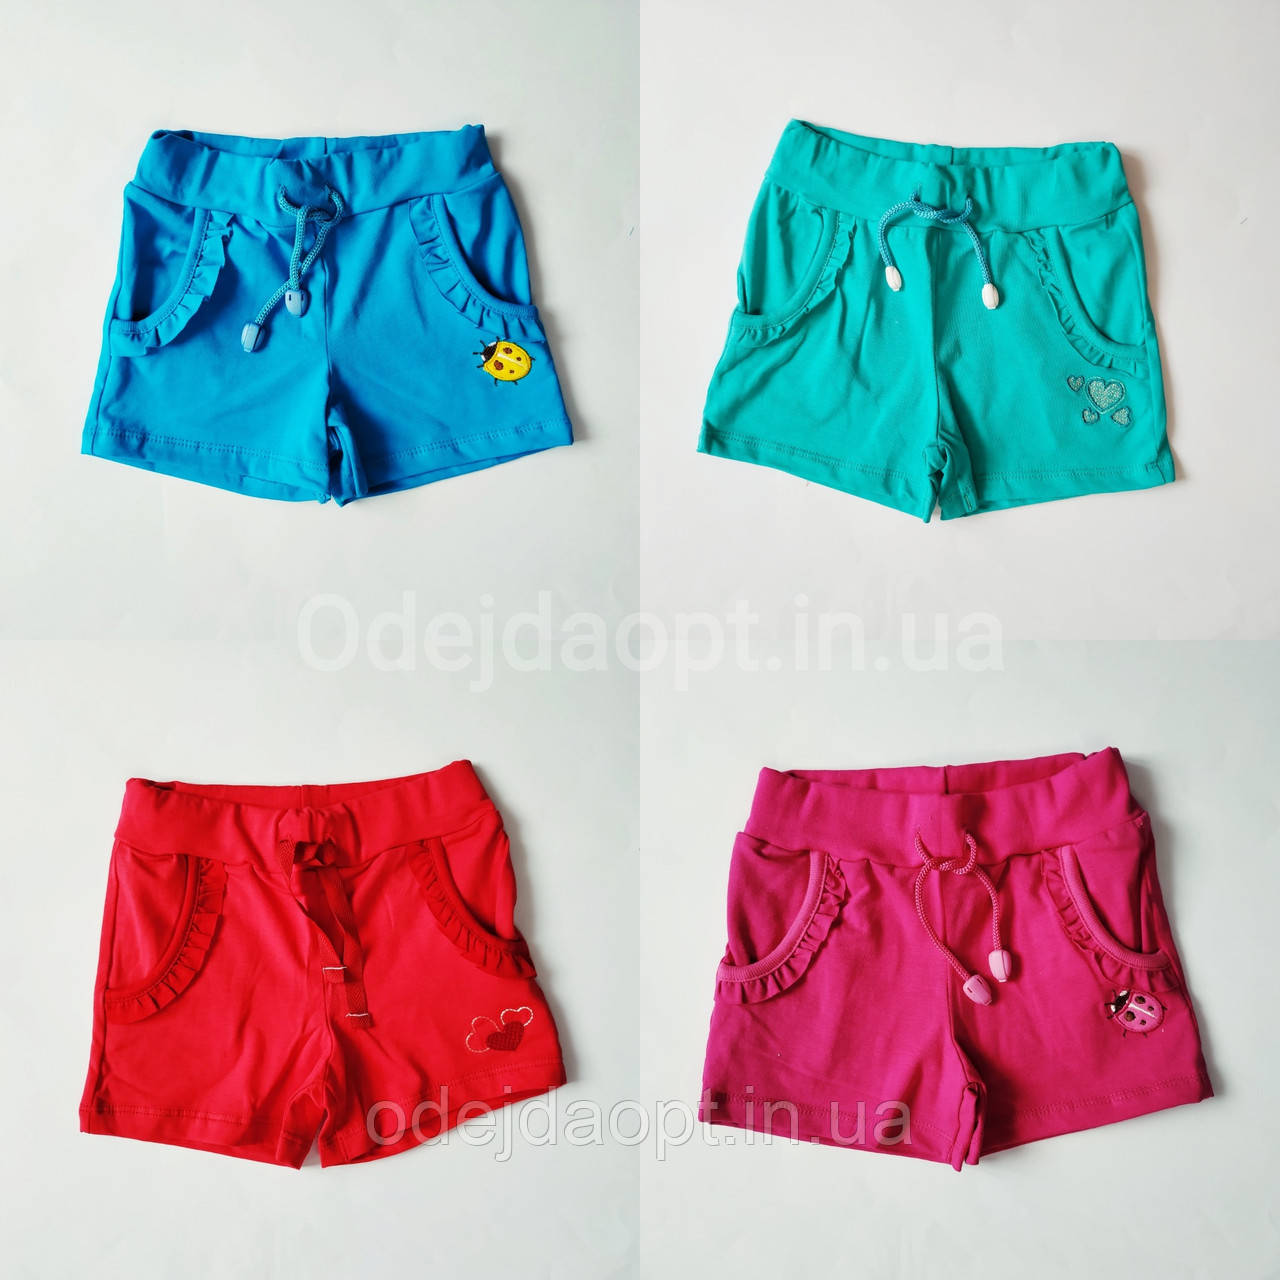 Детские шорты для девочки с карманами